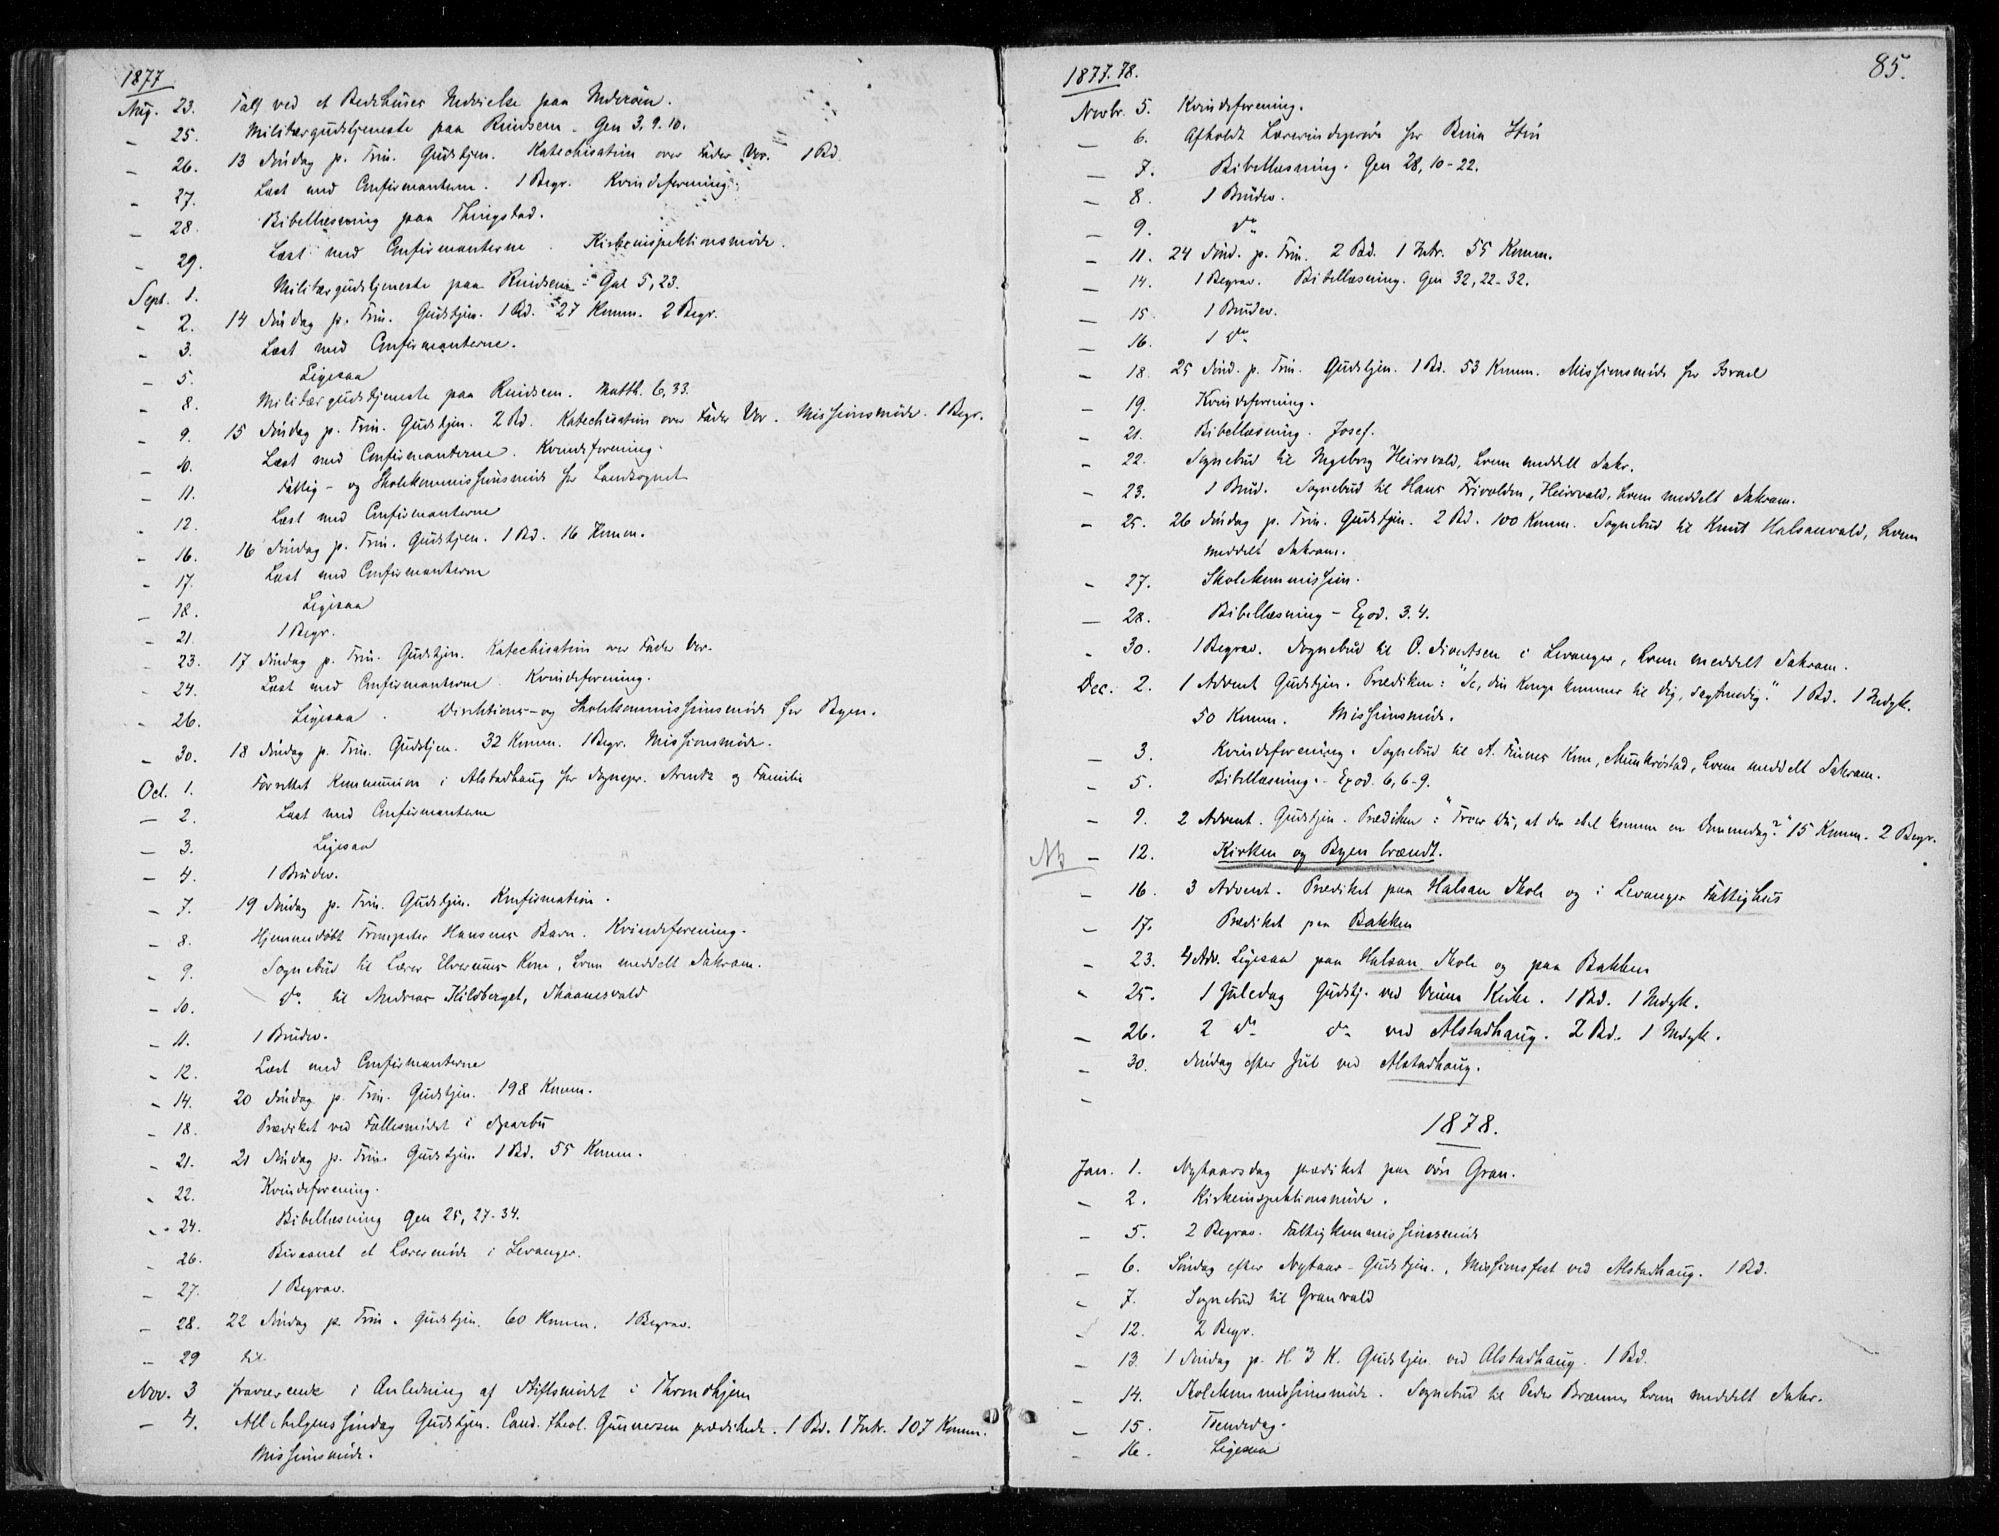 SAT, Ministerialprotokoller, klokkerbøker og fødselsregistre - Nord-Trøndelag, 720/L0187: Ministerialbok nr. 720A04 /1, 1875-1879, s. 85